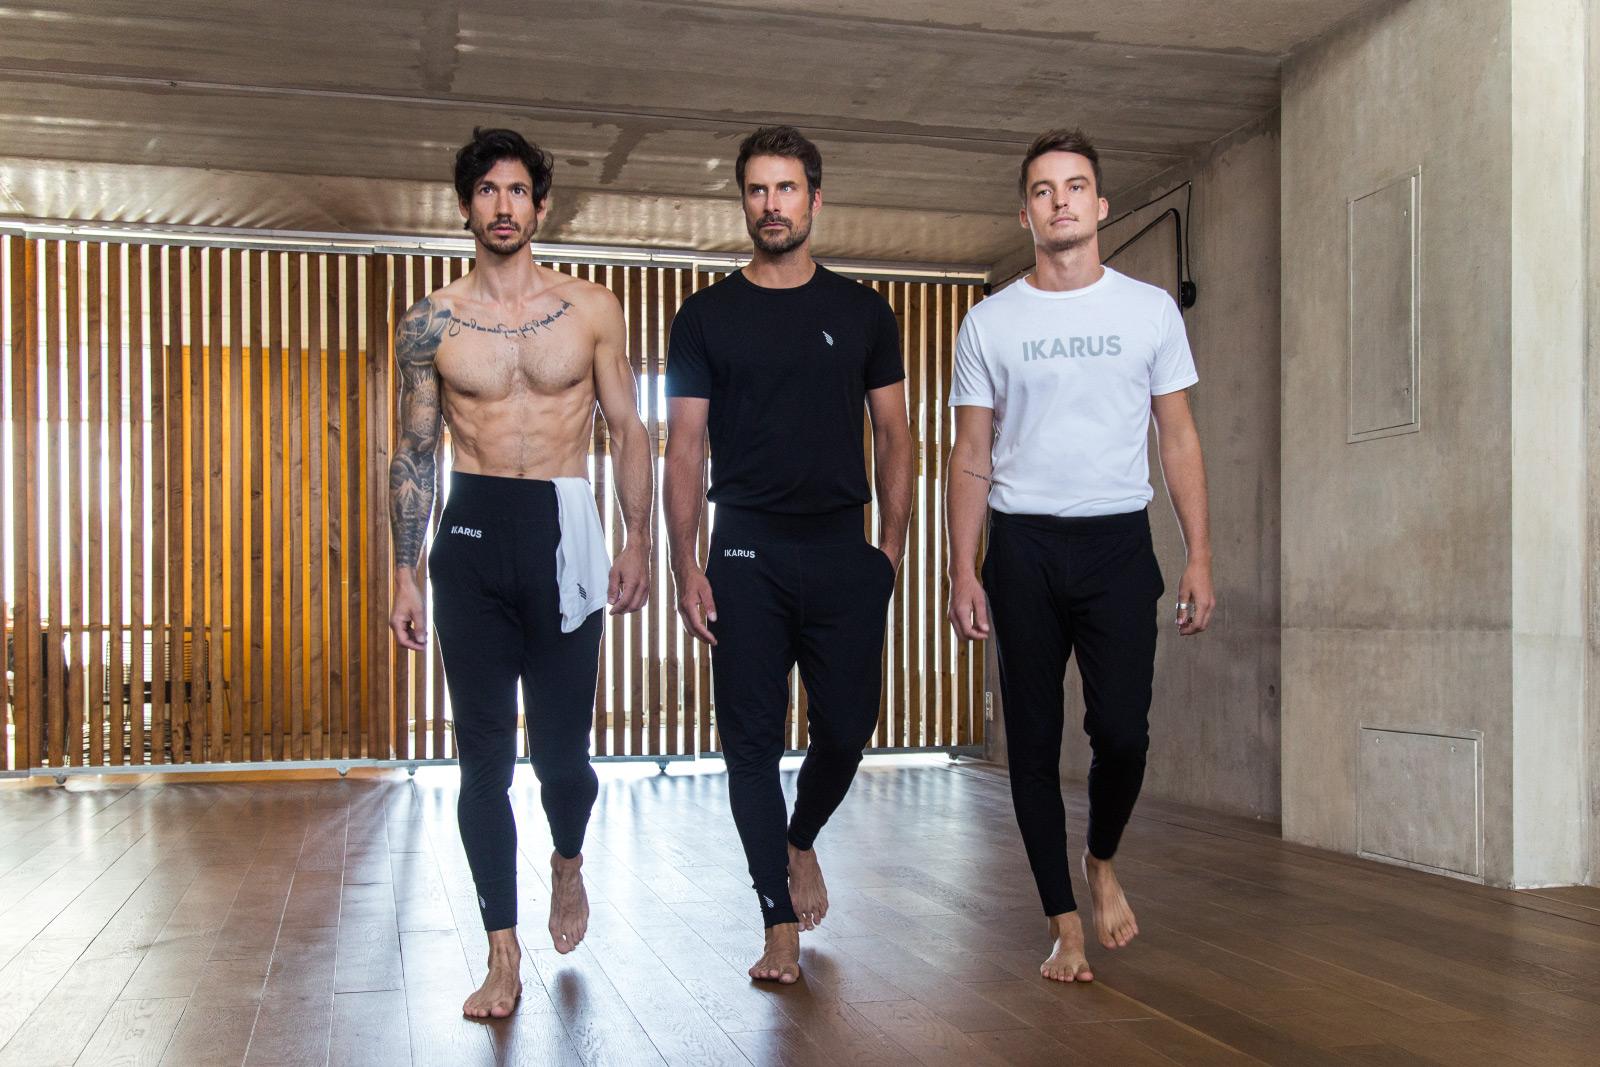 Mode Fashion Fotograf Koeln Yoga Sportswear Shoot 10a - Sportswear für Yoga-Enthusiasten